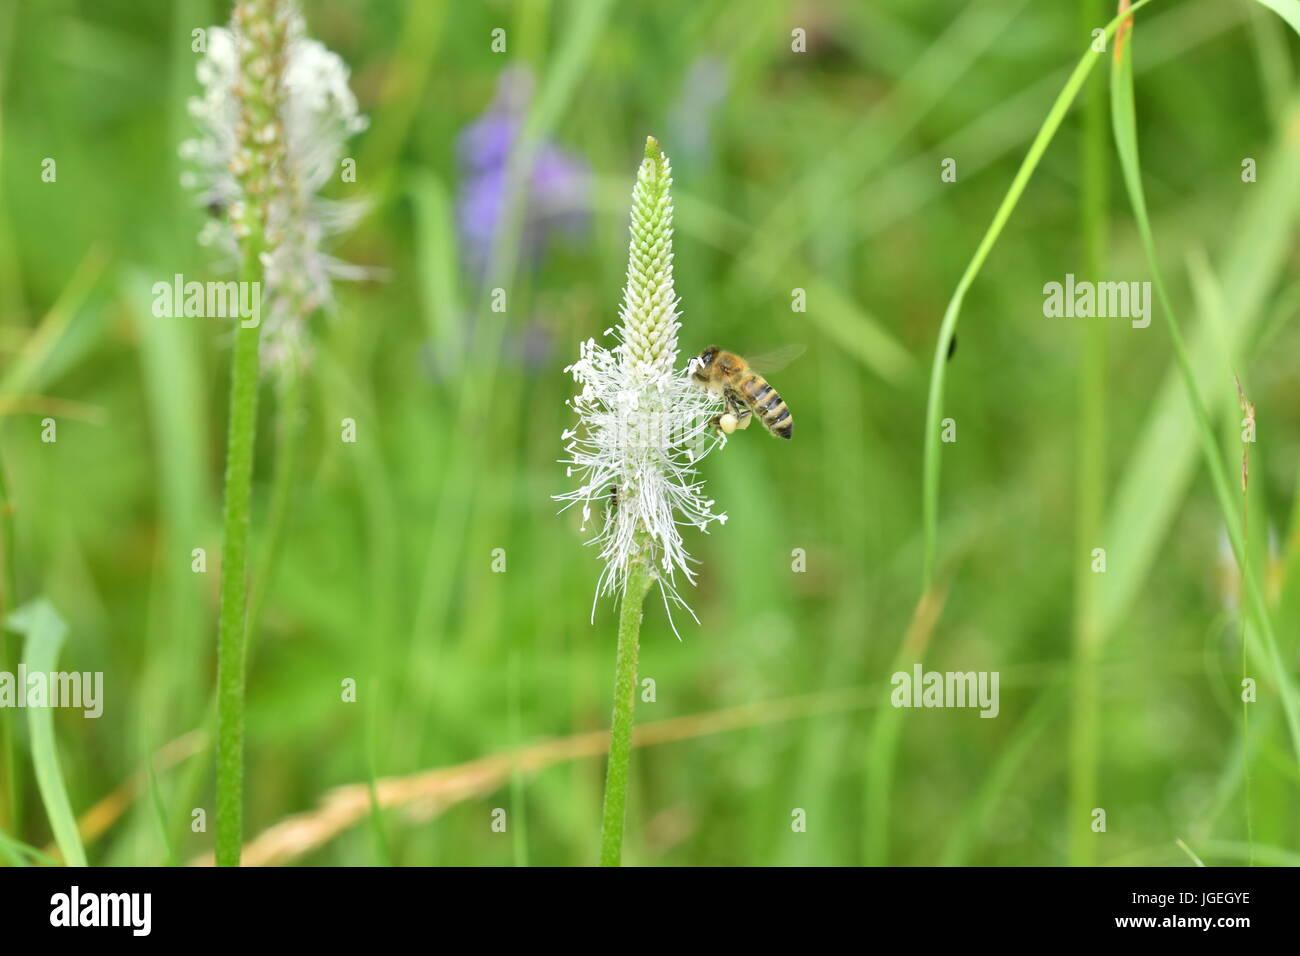 Makro der Polinates Biene auf der Blume Stockfoto